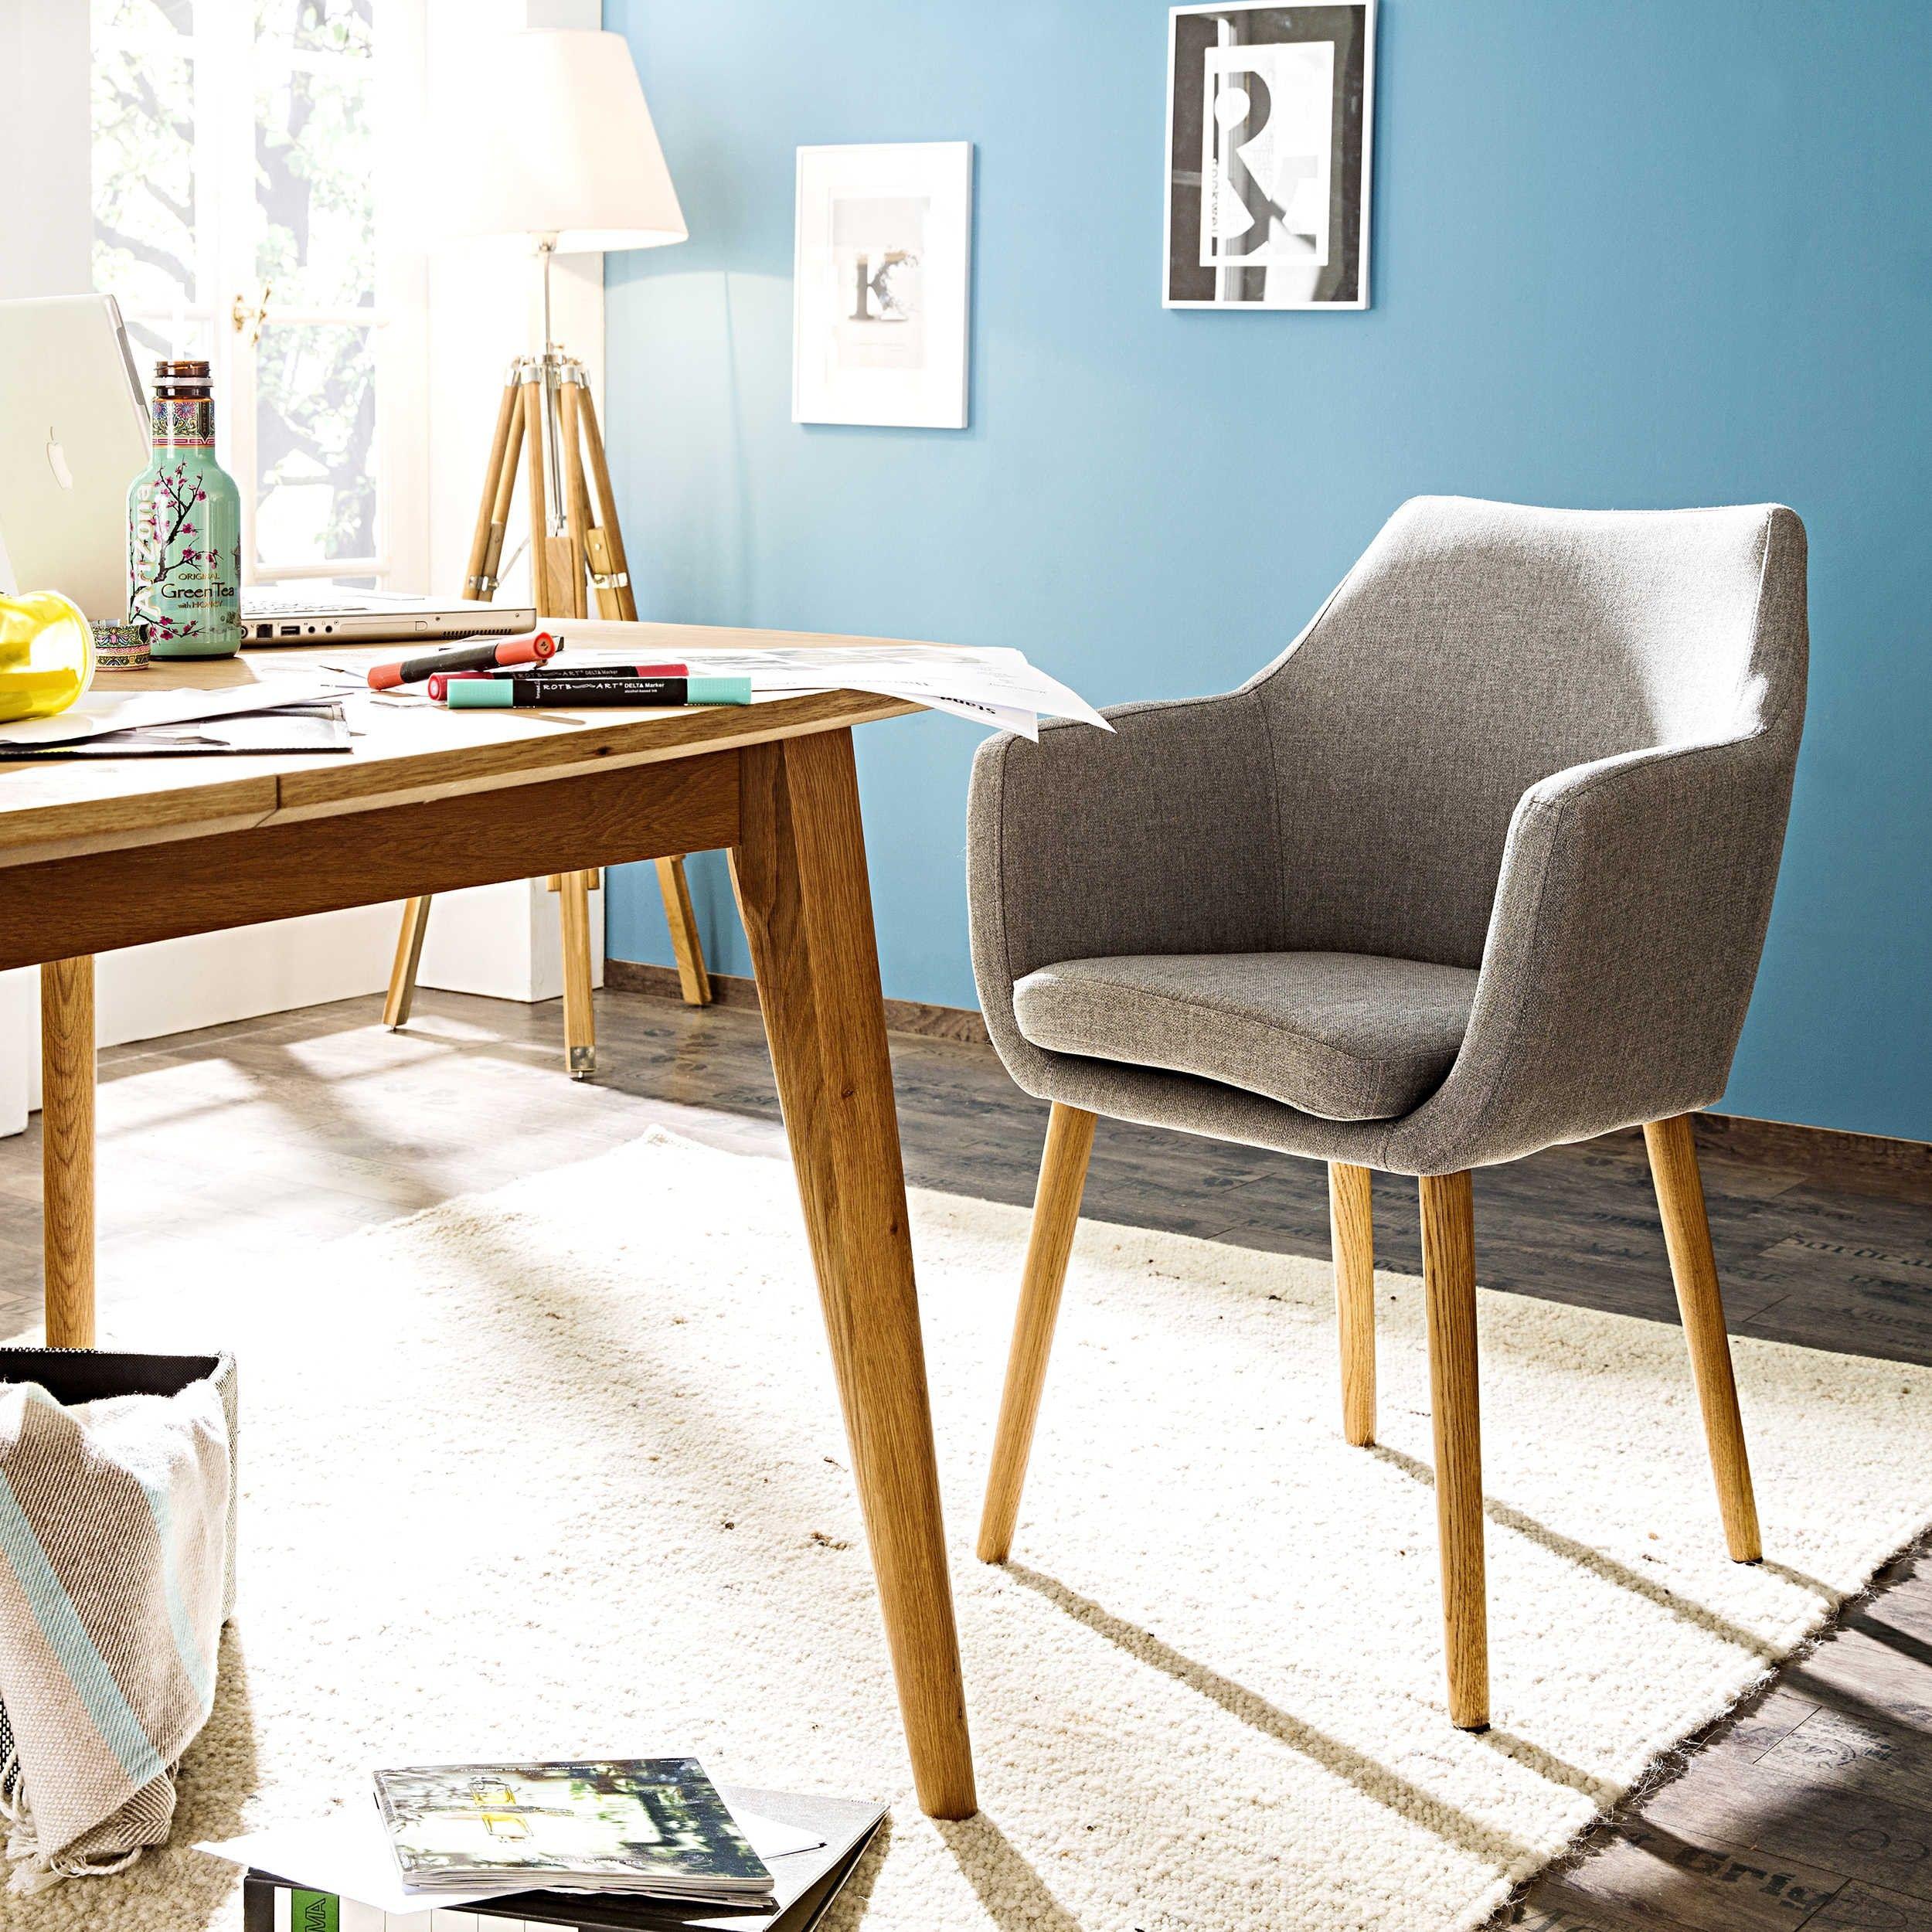 7 x 7 küchendesign stuhl petrulli hellgrau   fuß stühle  stühle u freischwinger